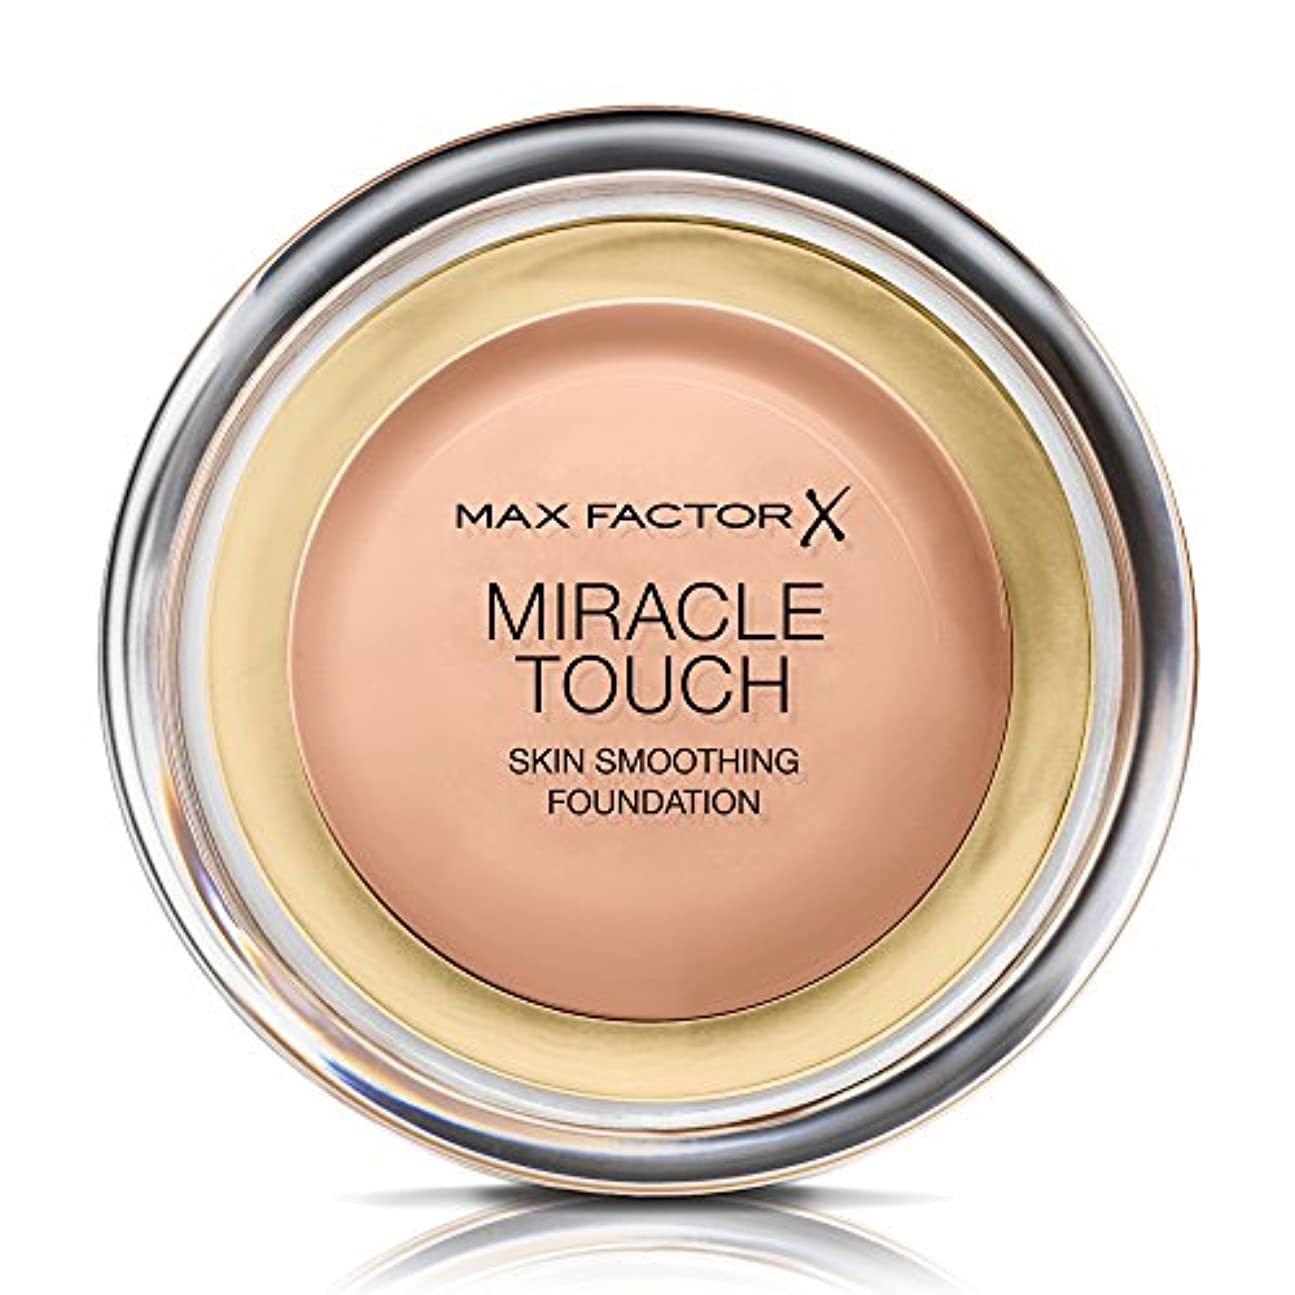 後ろ、背後、背面(部変わる箱マックス ファクター ミラクル タッチ スキン スムーズ ファウンデーション - ブラシング ベージュ Max Factor Miracle Touch Skin Smoothing Foundation - Blushing Beige 055 [並行輸入品]